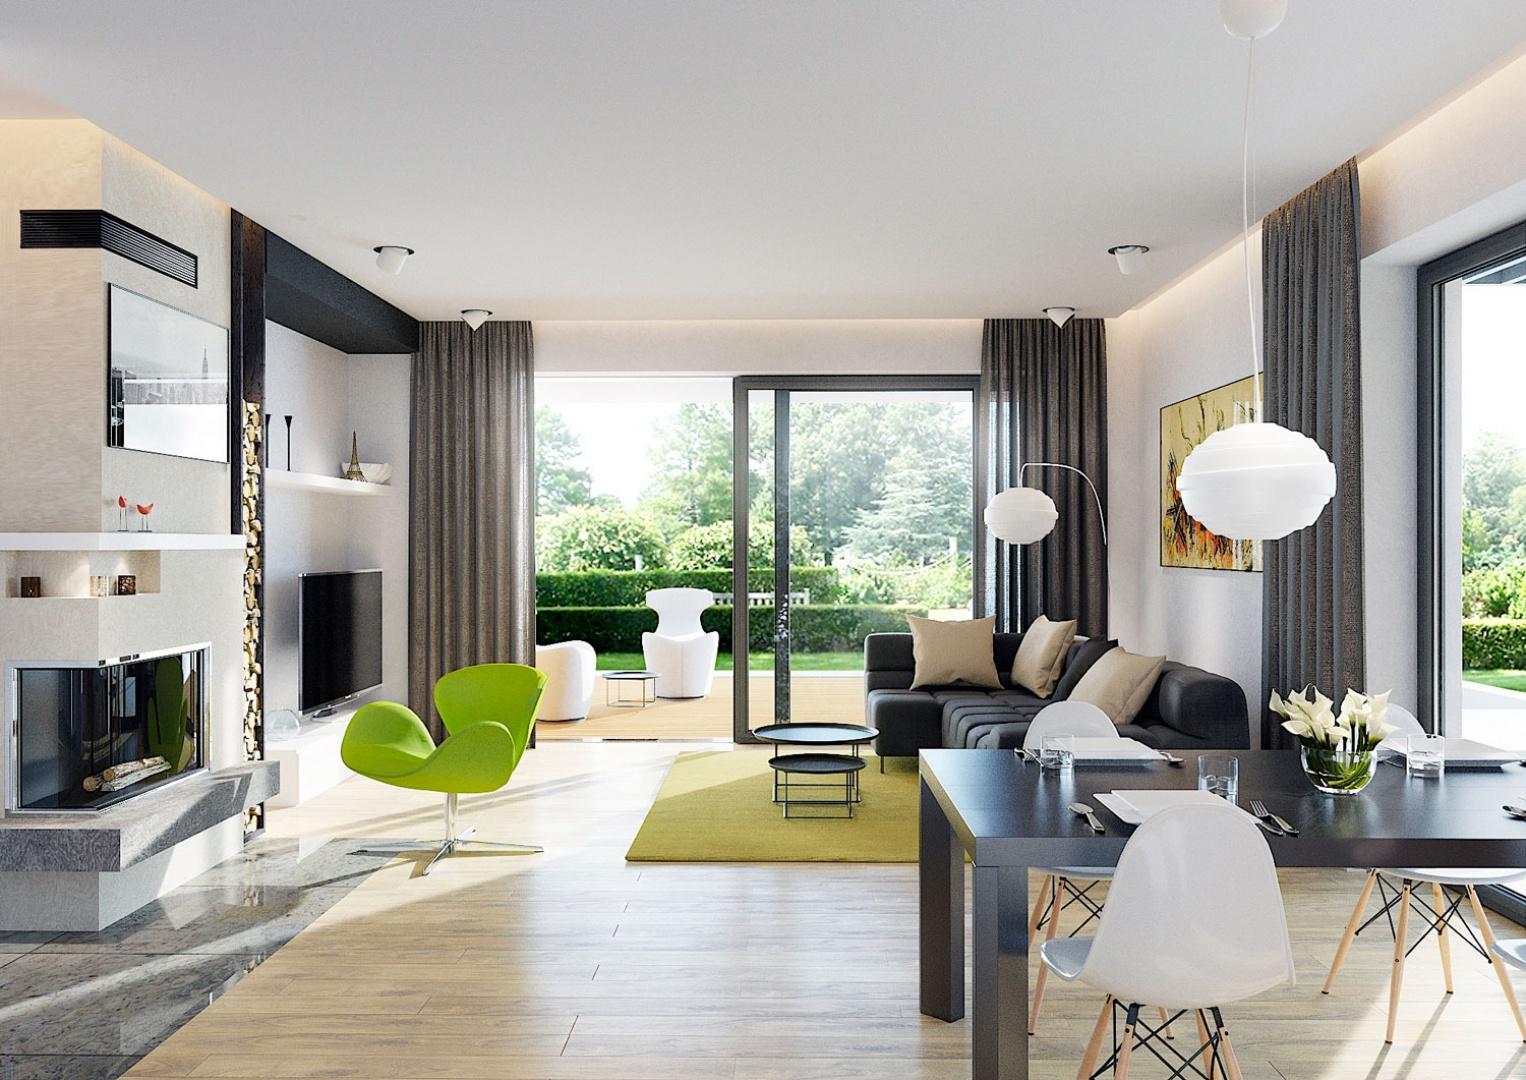 Wnętrze domu to dużo przestrzeni, bieli i światła. Królują tu szerokie przeszklenia, dzięki którym granica między salonem a ogrodem praktycznie się zaciera. Uwagę zwraca dekoracyjny kominek ikona designu – fotel Swan w kolorze soczystej, energetycznej zieleni. Fot. Pracownia Projektowa Archipelag